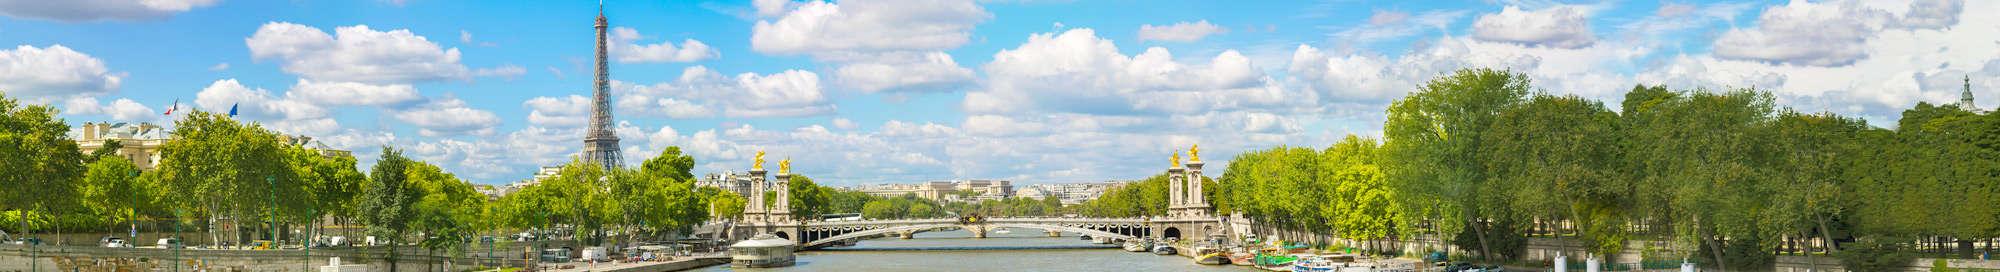 Week-end et séjour Tour Eiffel